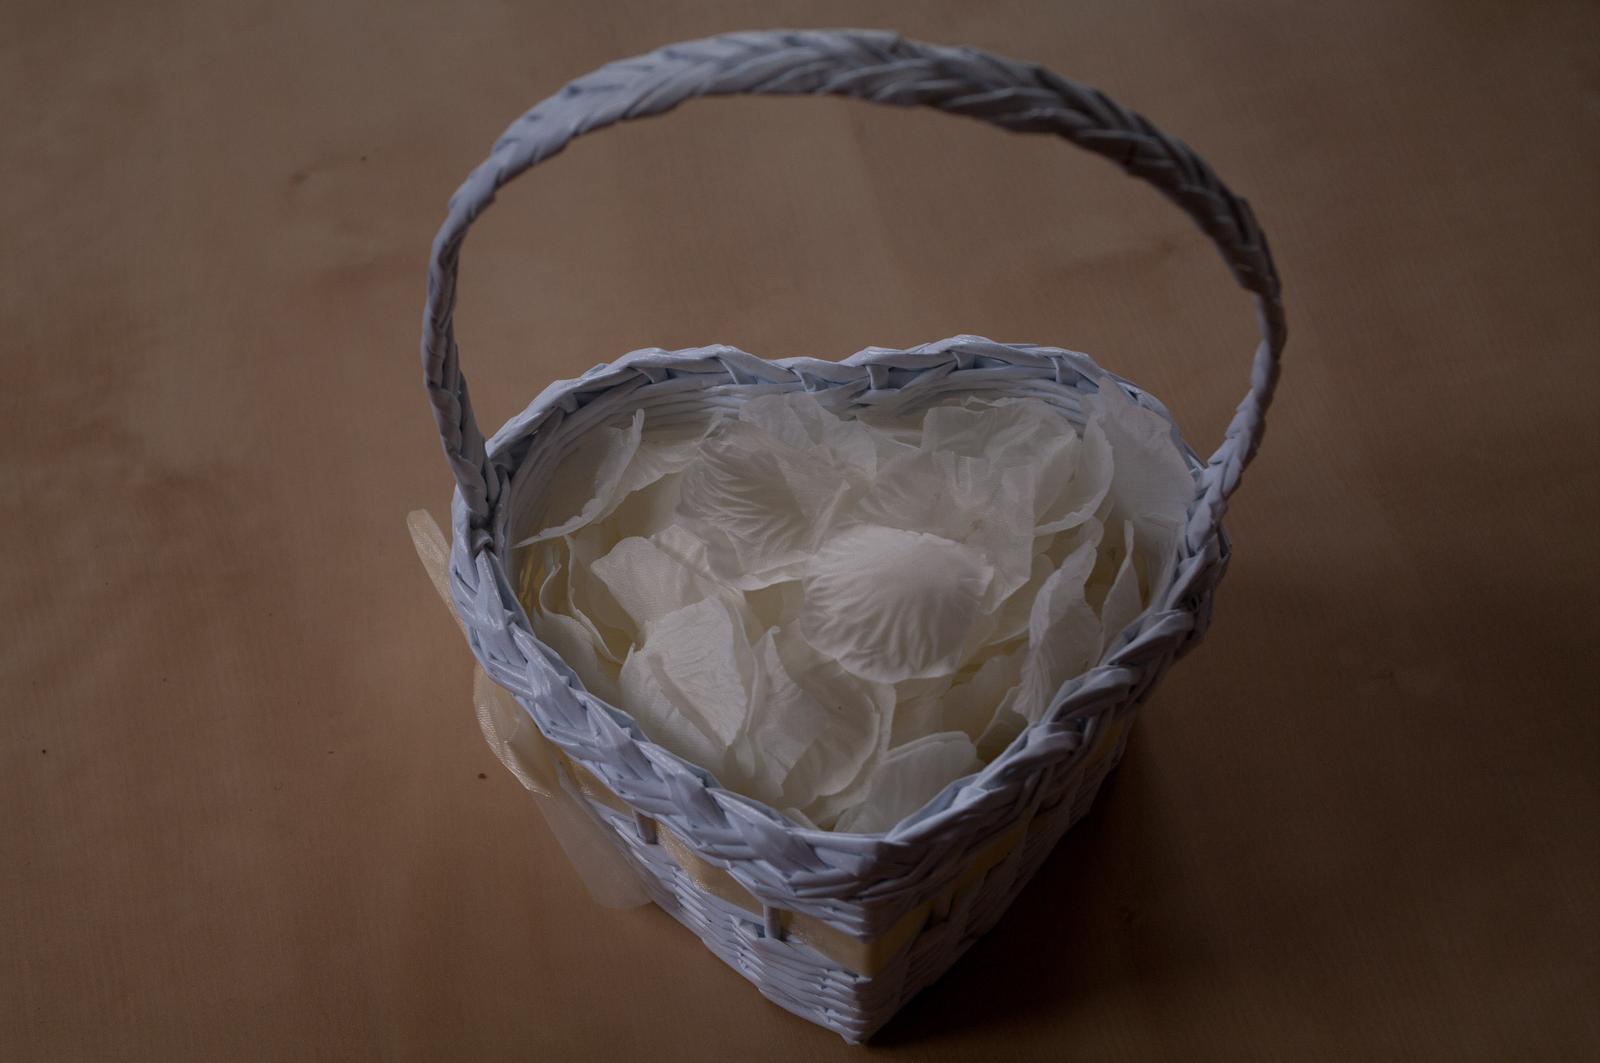 Košíky ve tvaru srdce pro družičky 3 ks - Obrázek č. 1